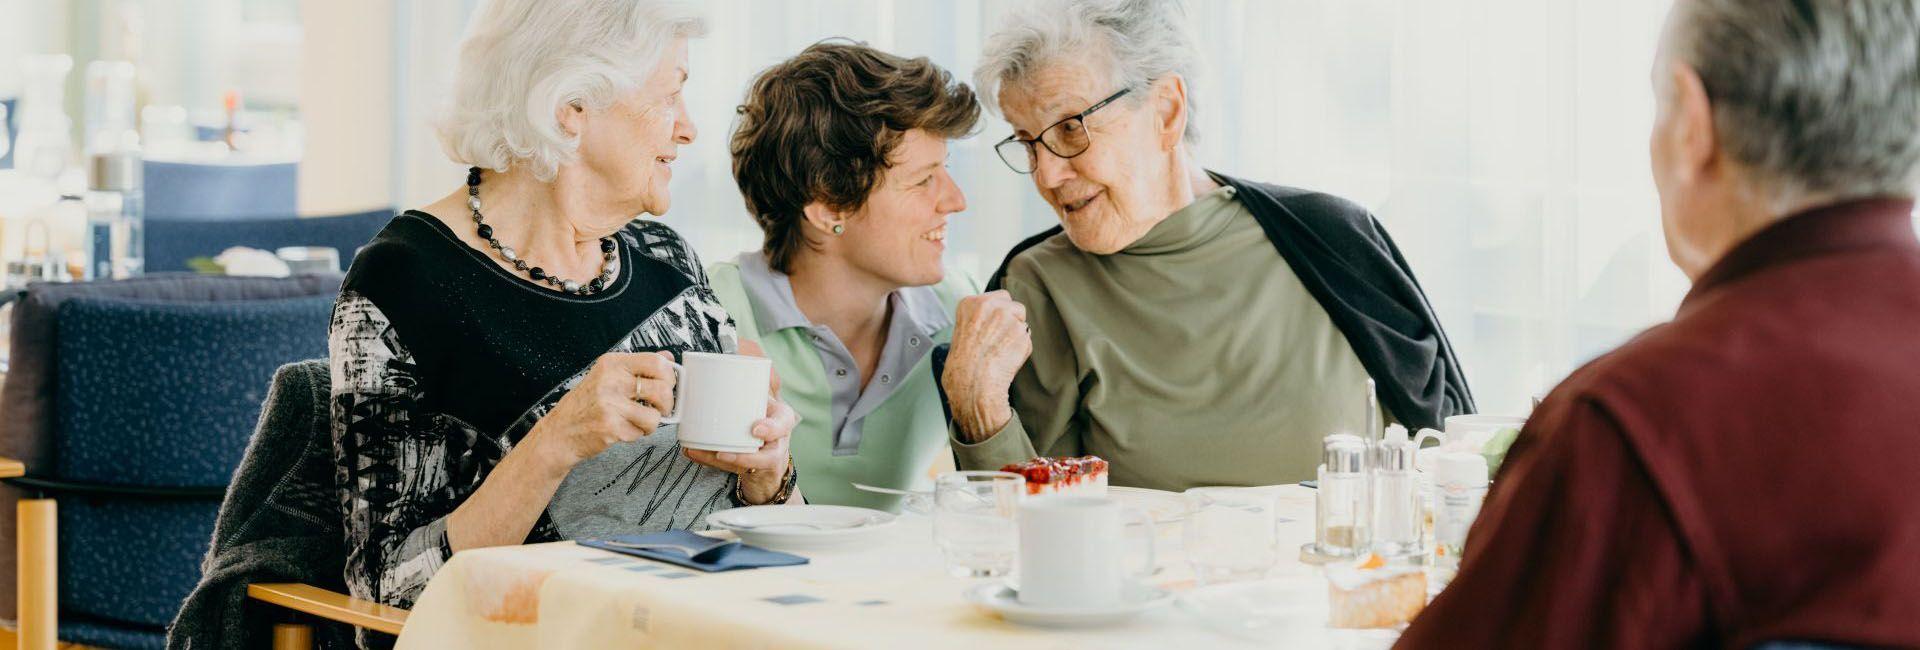 Wohnen mit Betreuung & Pflege